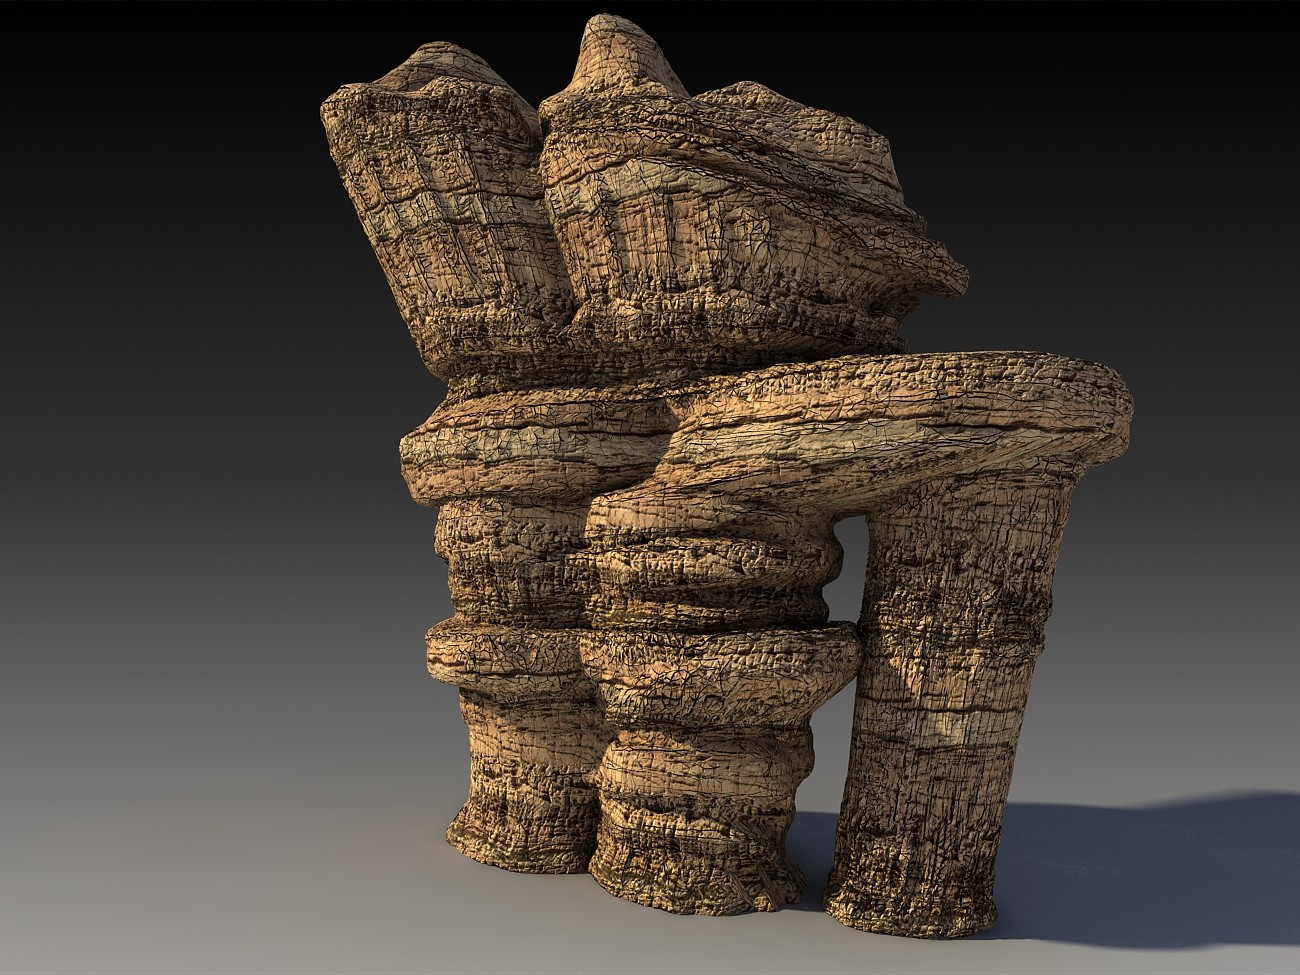 Desert_Rock_02__0002.jpg